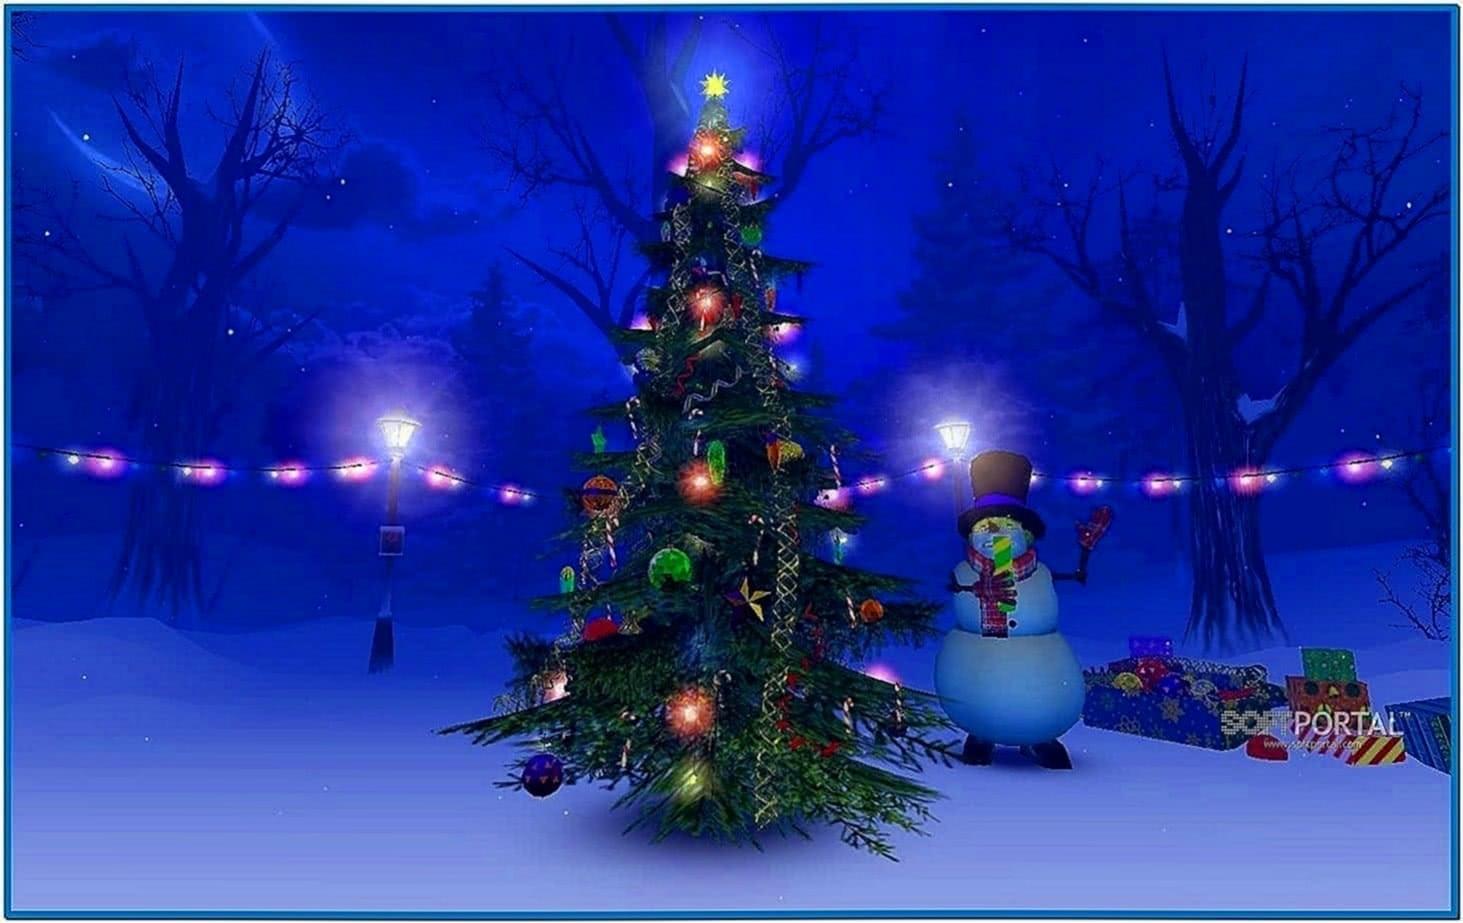 Christmas 3D Screensaver 1.0.0.8